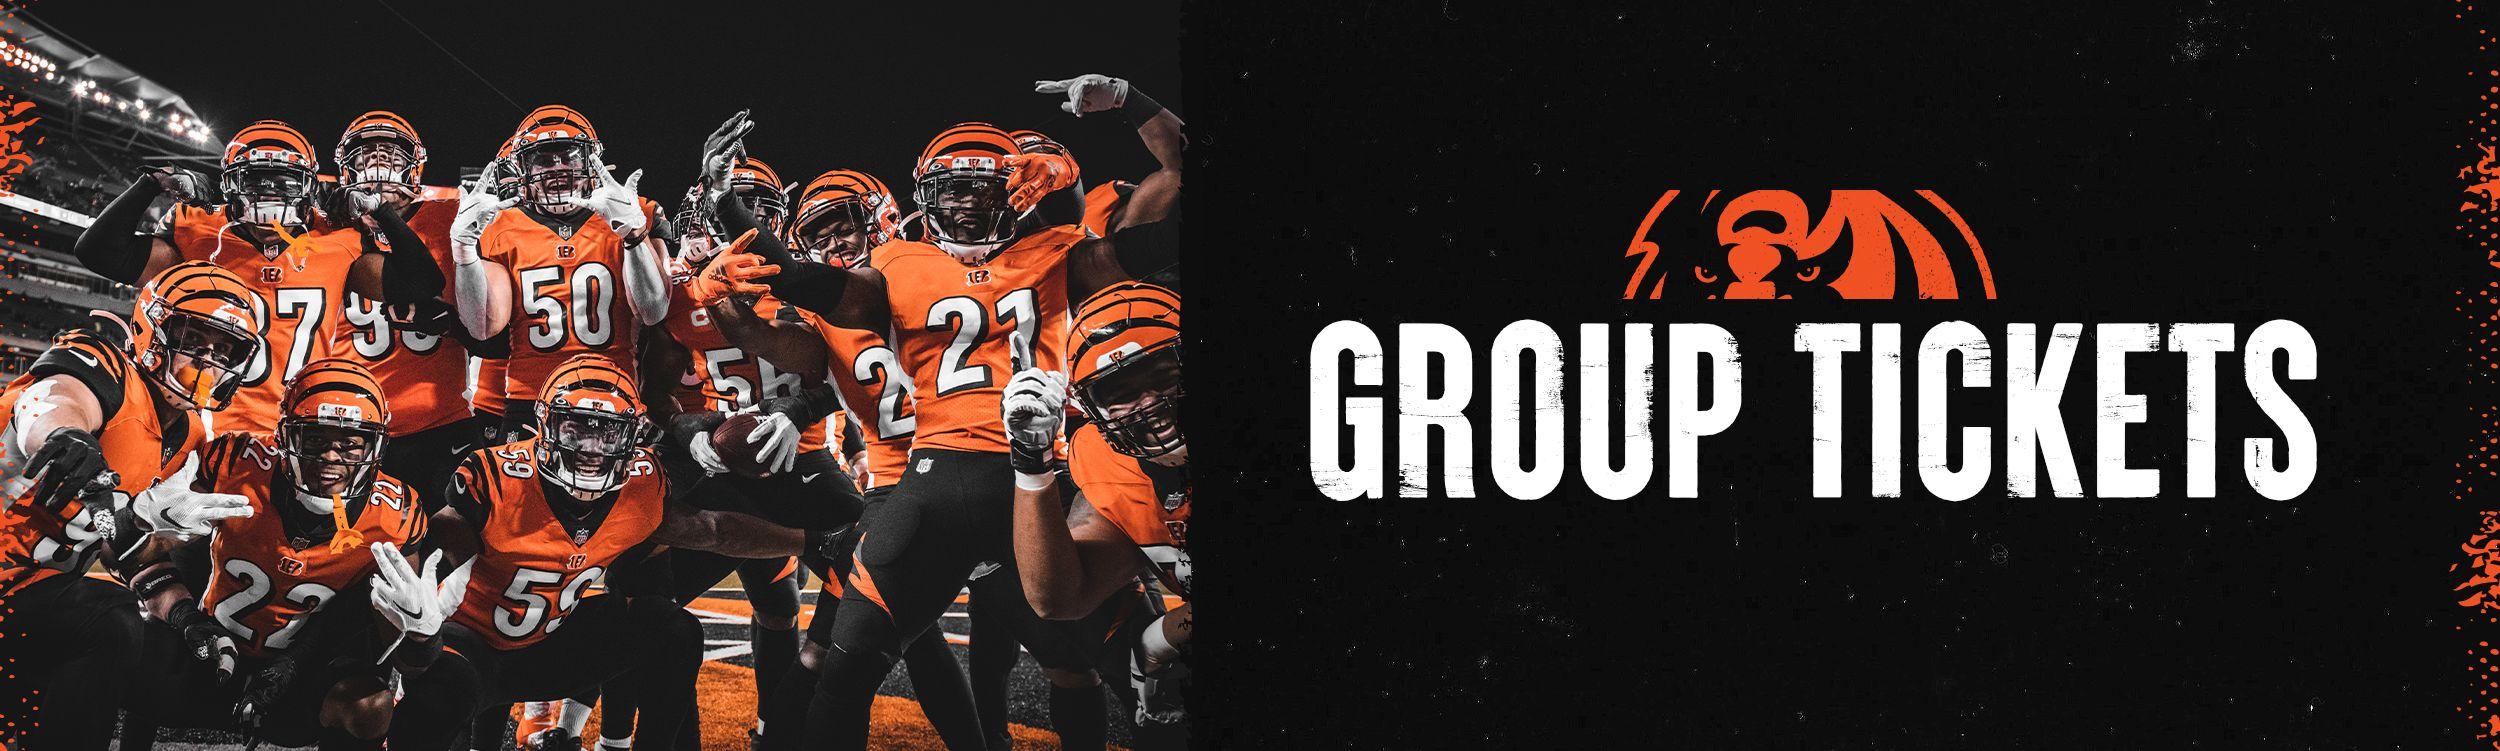 210105-group-tickets-header